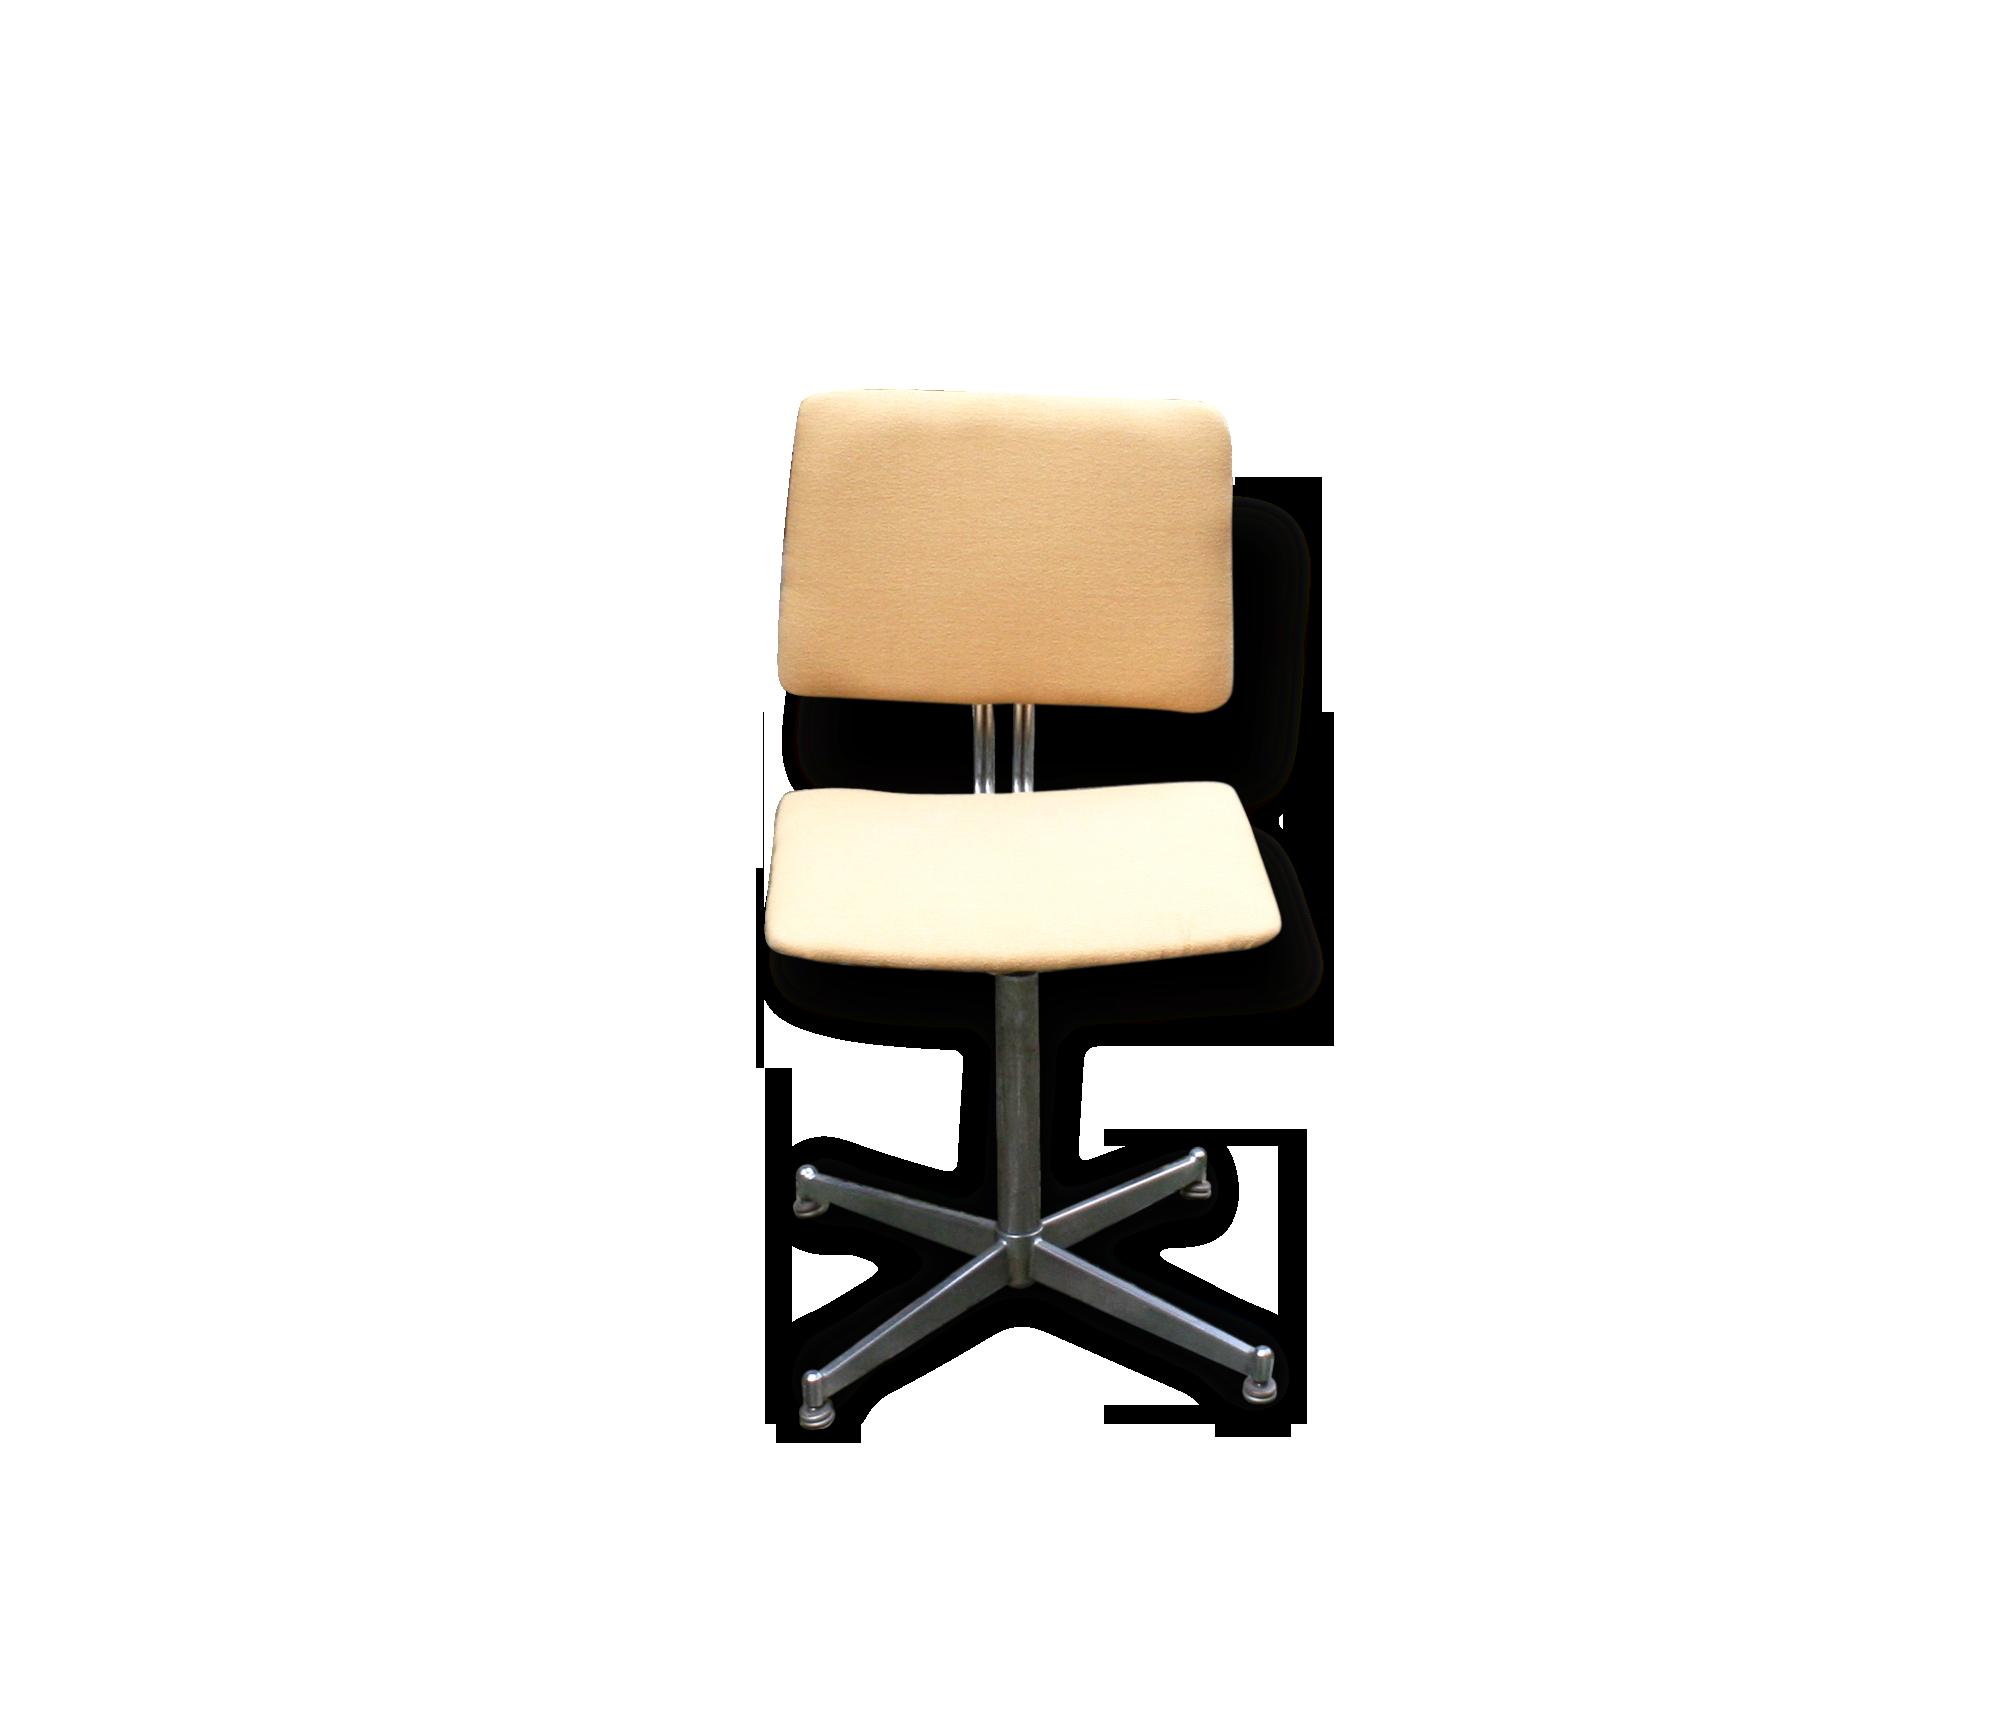 Chaise de bureau jaune vintage métal jaune industriel